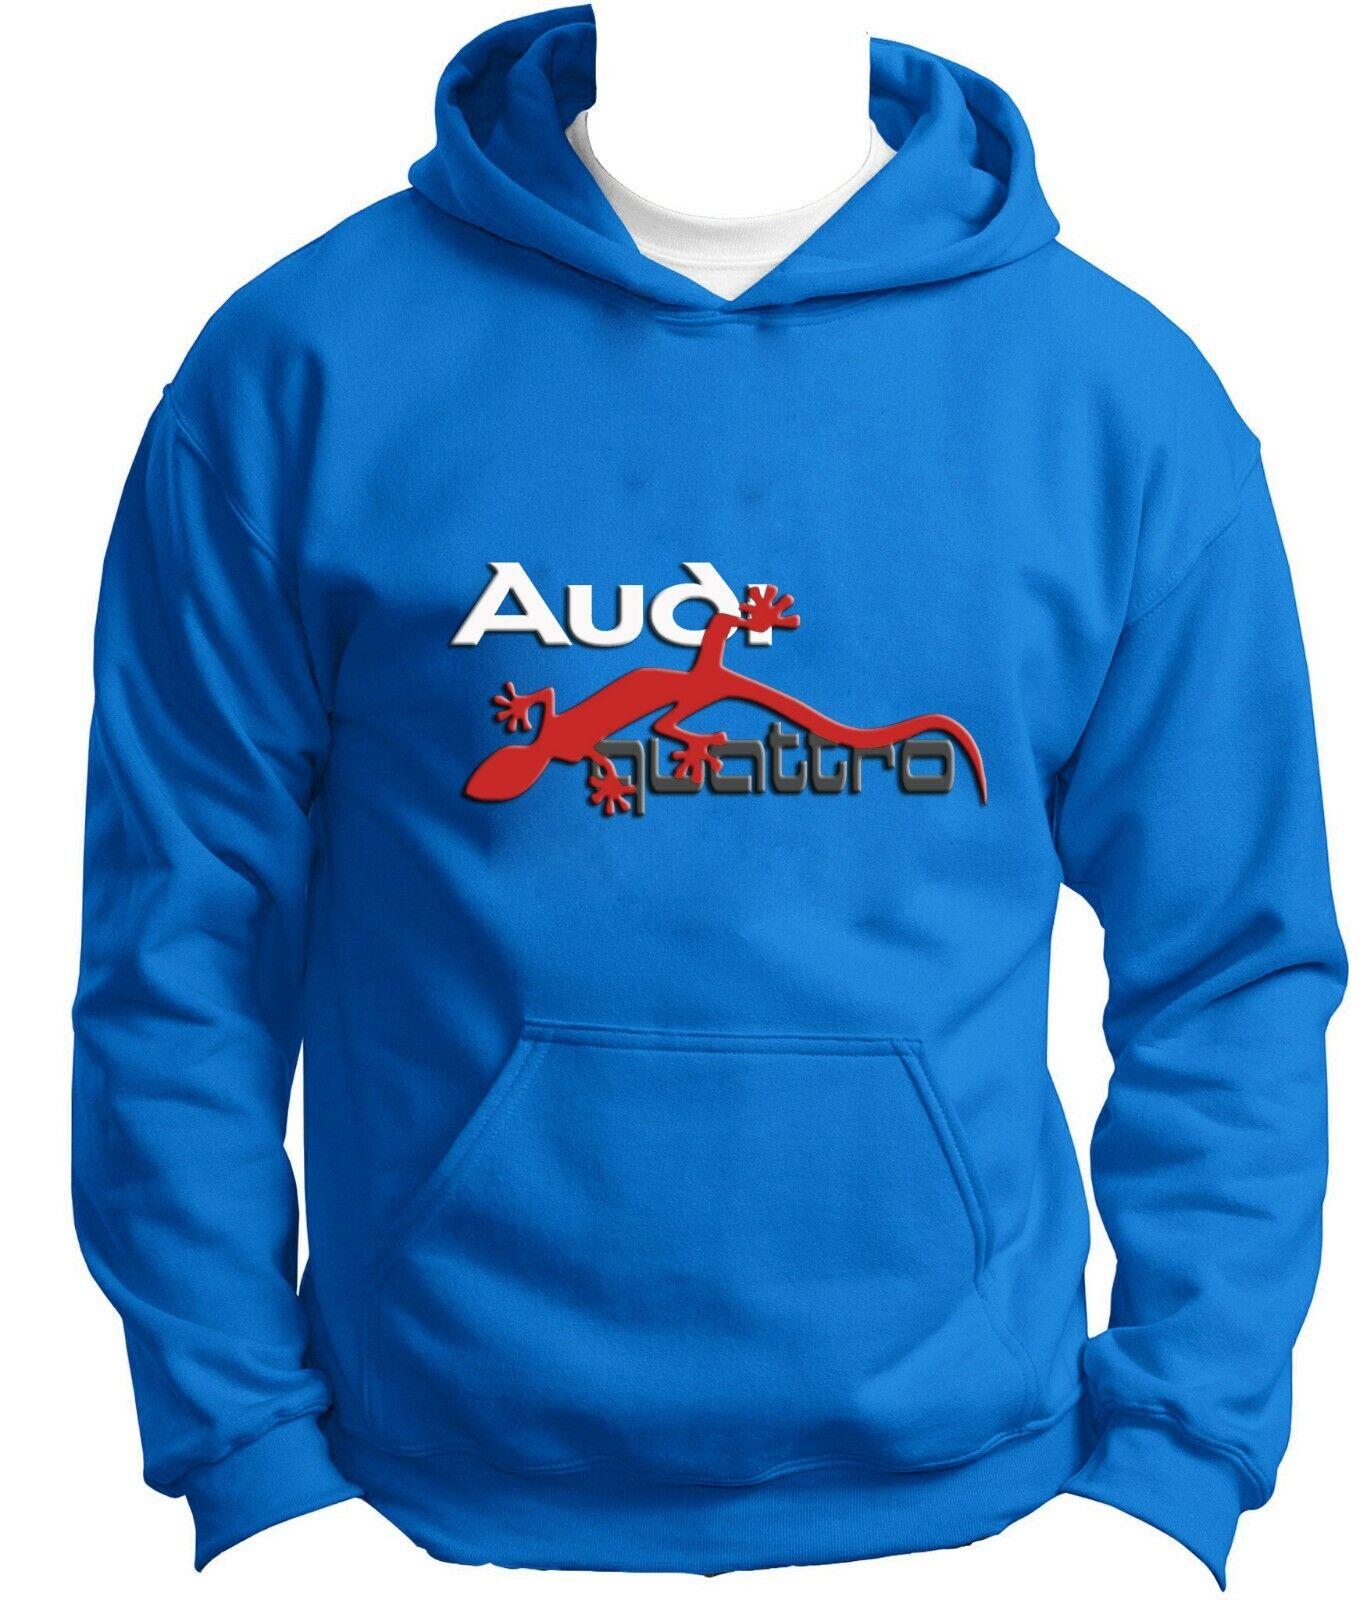 AUDI Quattro Lizard Hoodie NEW DTG Print Logo Hoody Car Lovers Sweatshirt Gift